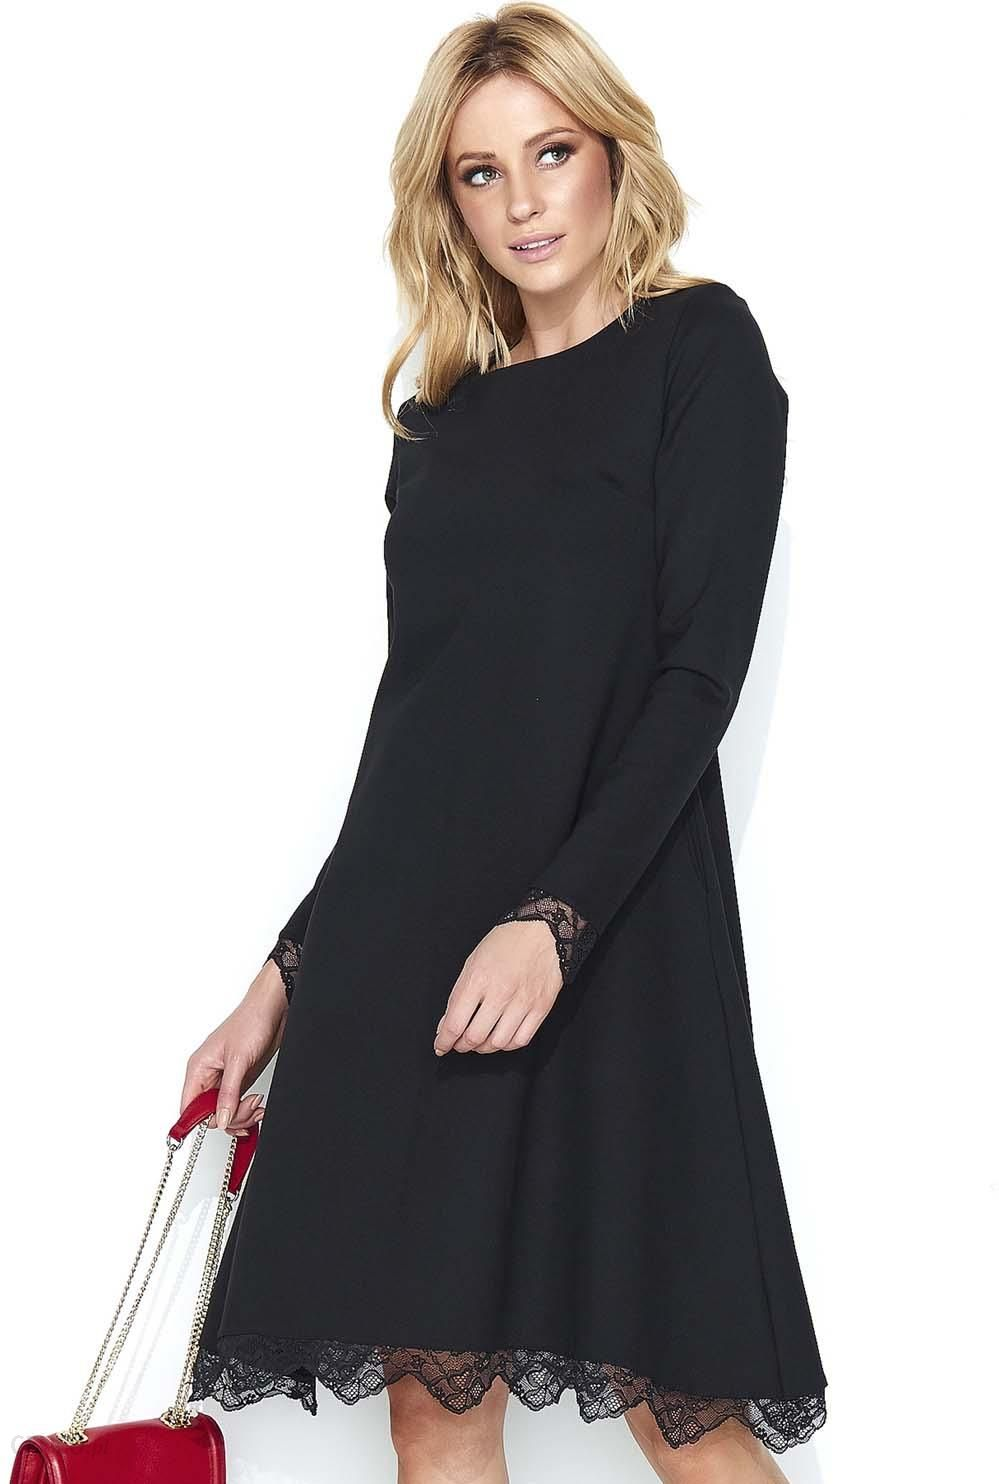 ef3dd65fbb Makadamia Czarna Elegancka Sukienka do Kolan Wykończona Koronką - zdjęcie 1